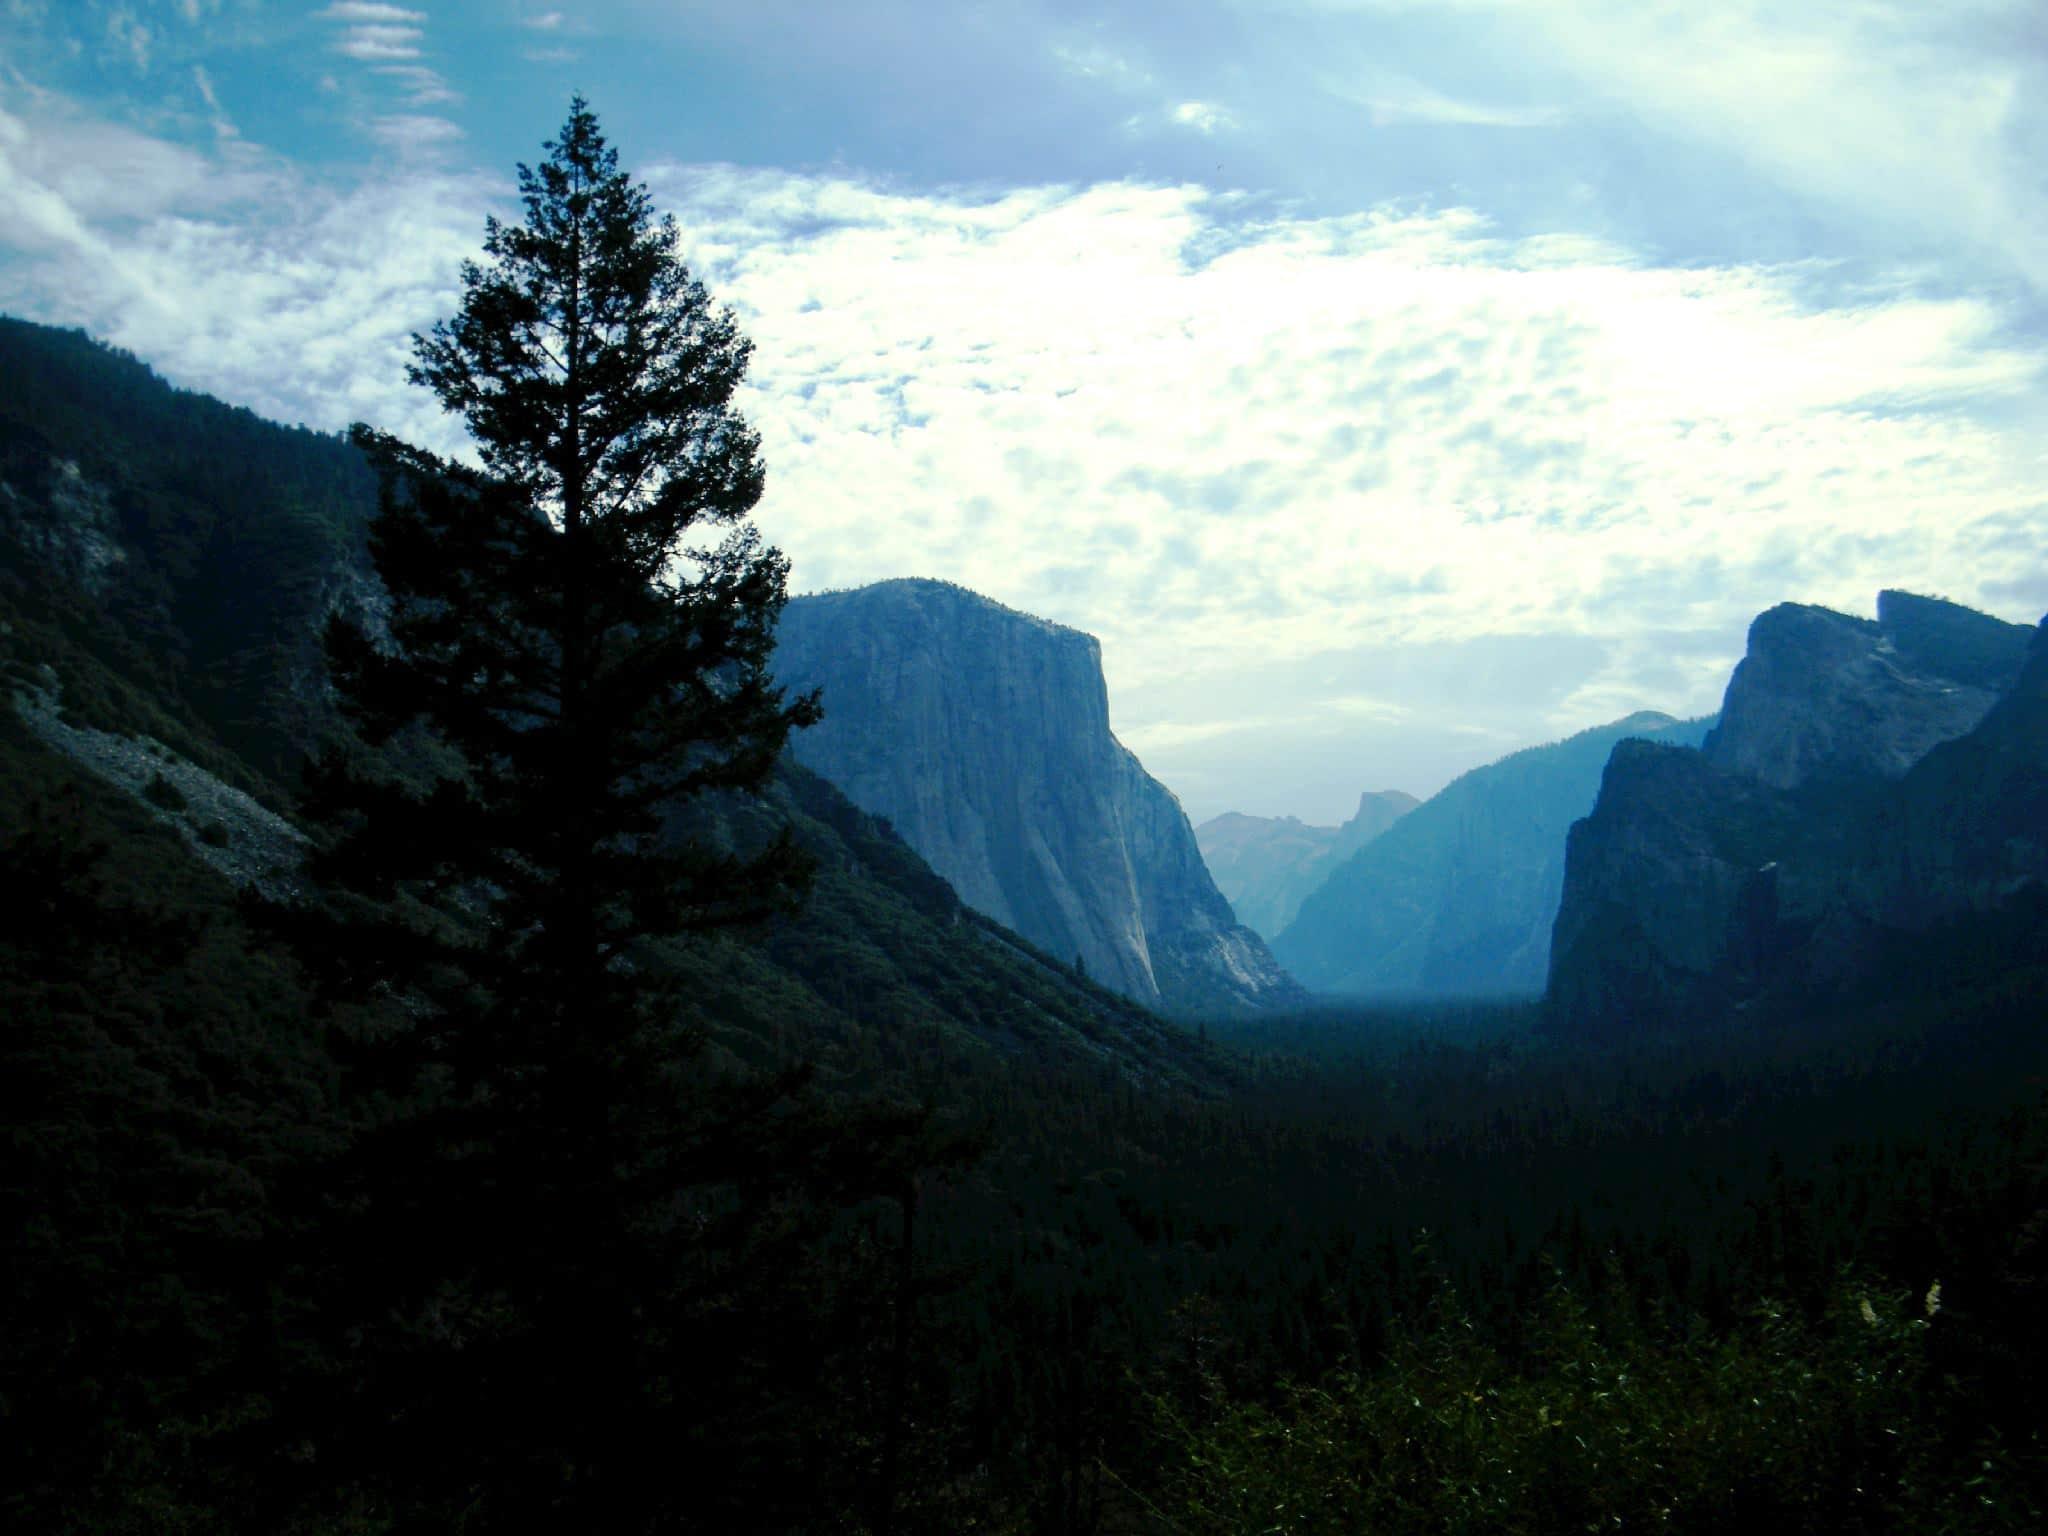 Montagnes de Yosemite à la tombée de la nuit. Ete 2015, USA.